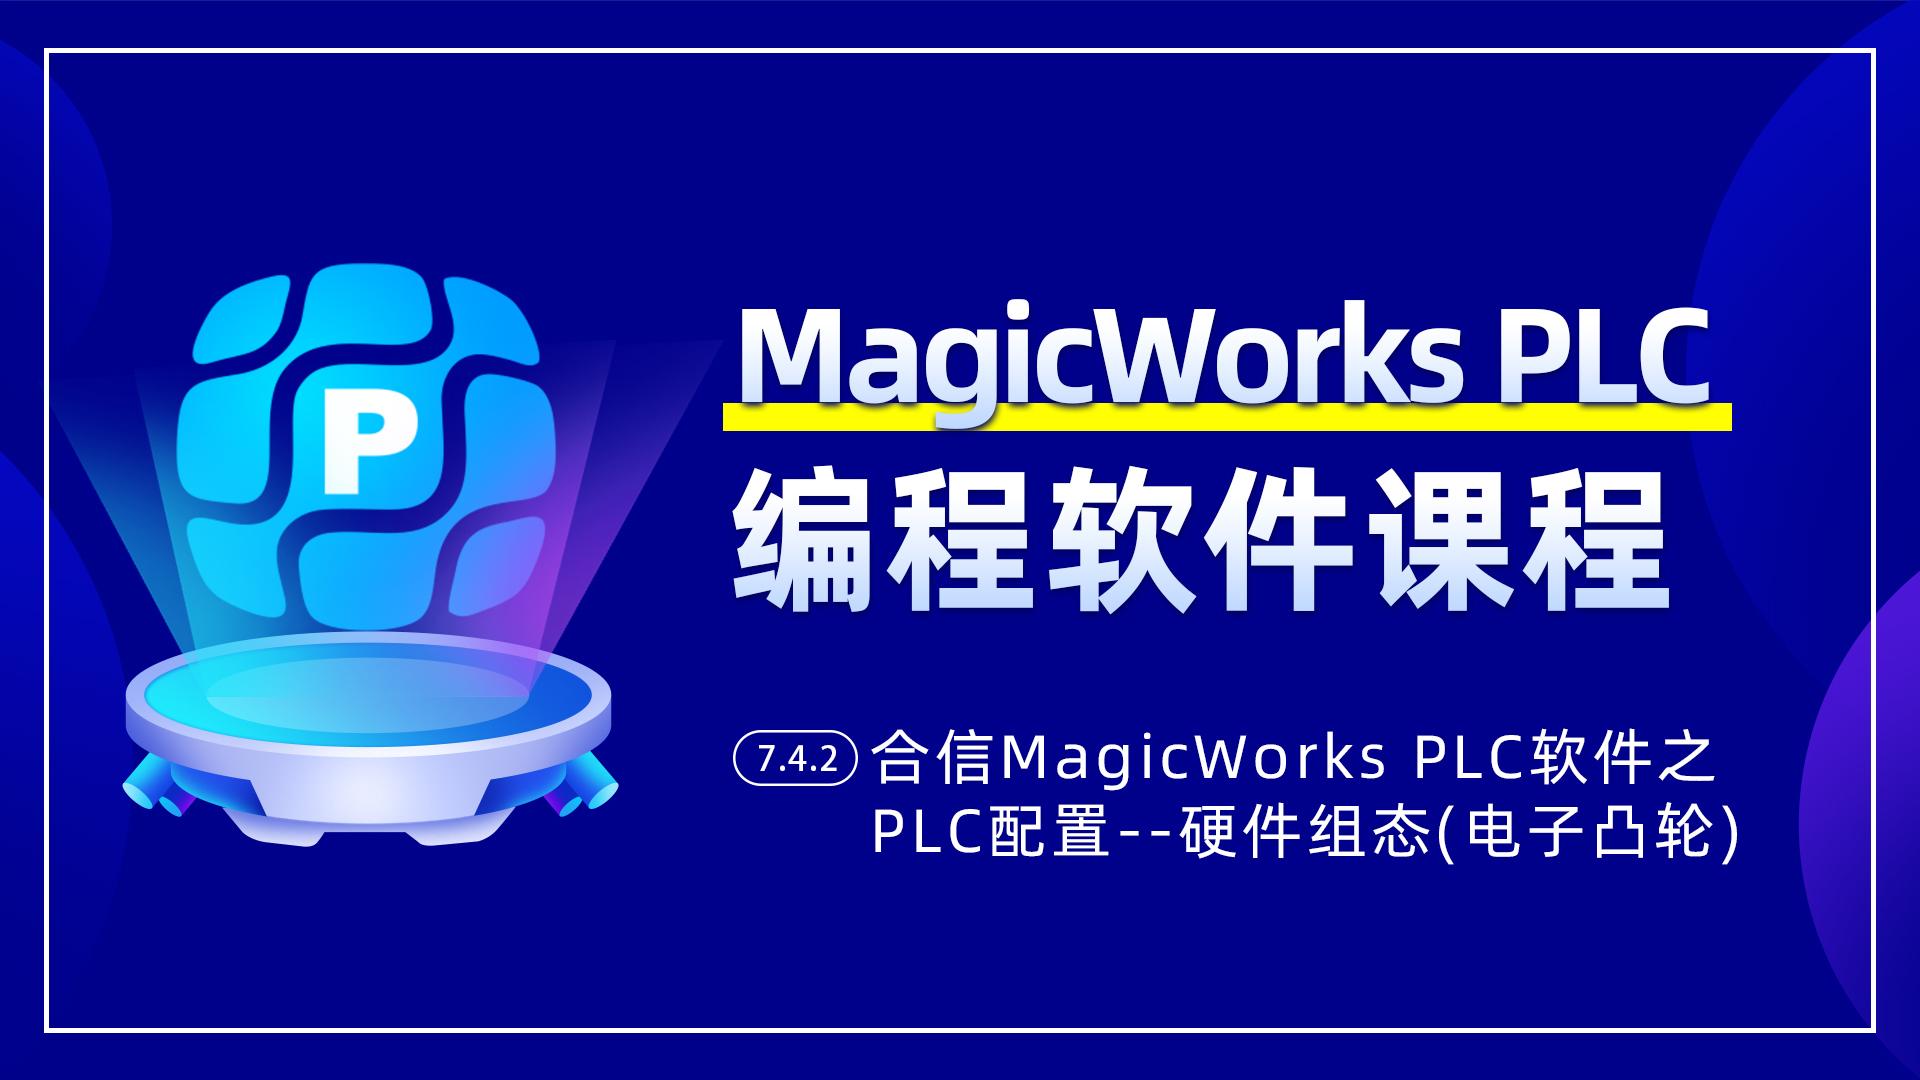 7.4.2 合信MagicWorks PLC软件电子凸轮向导配置